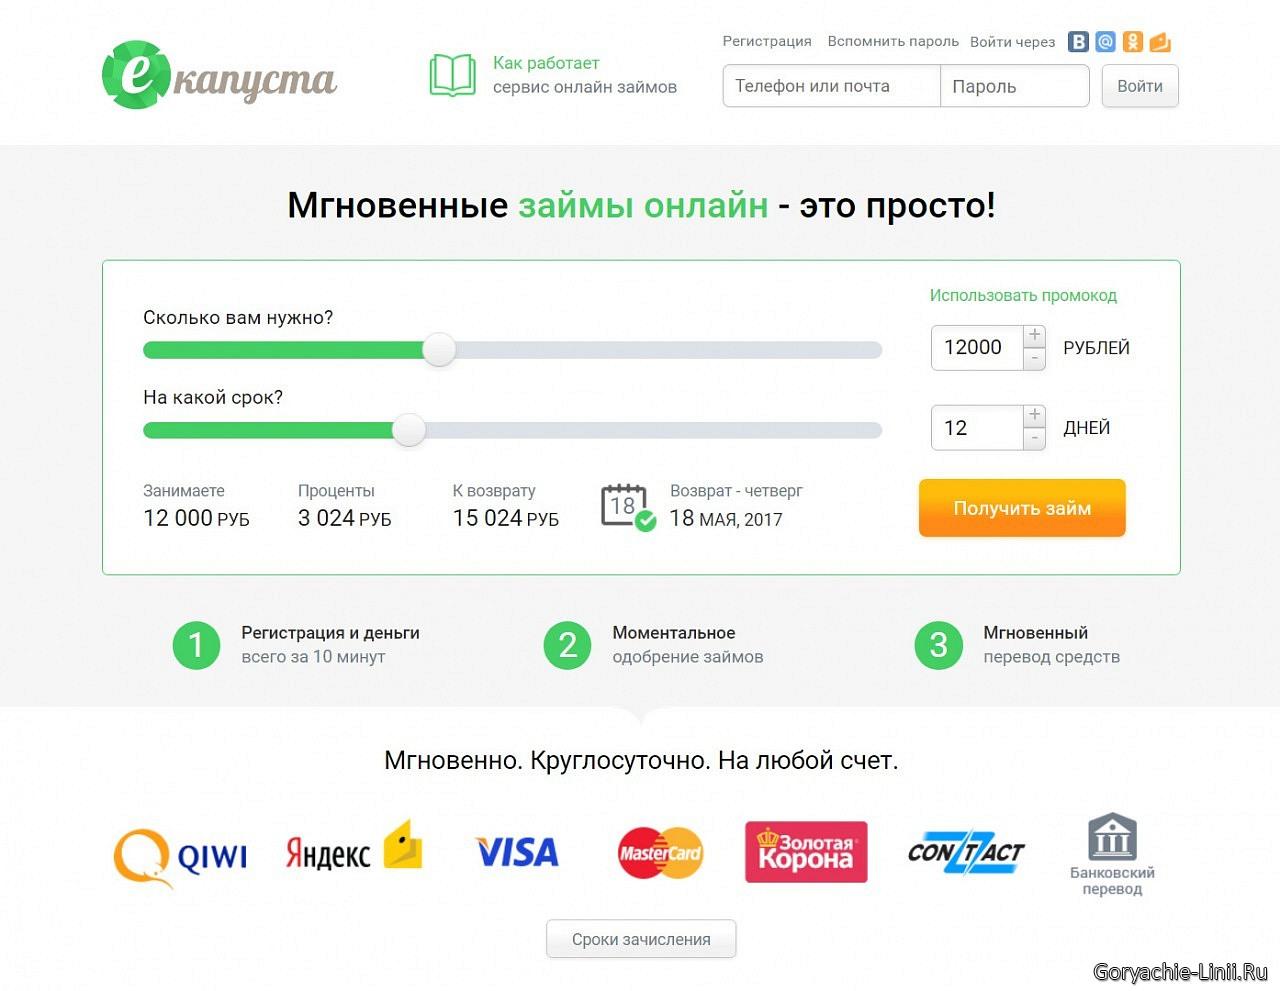 Капуста сайт займов отзывы клиентов